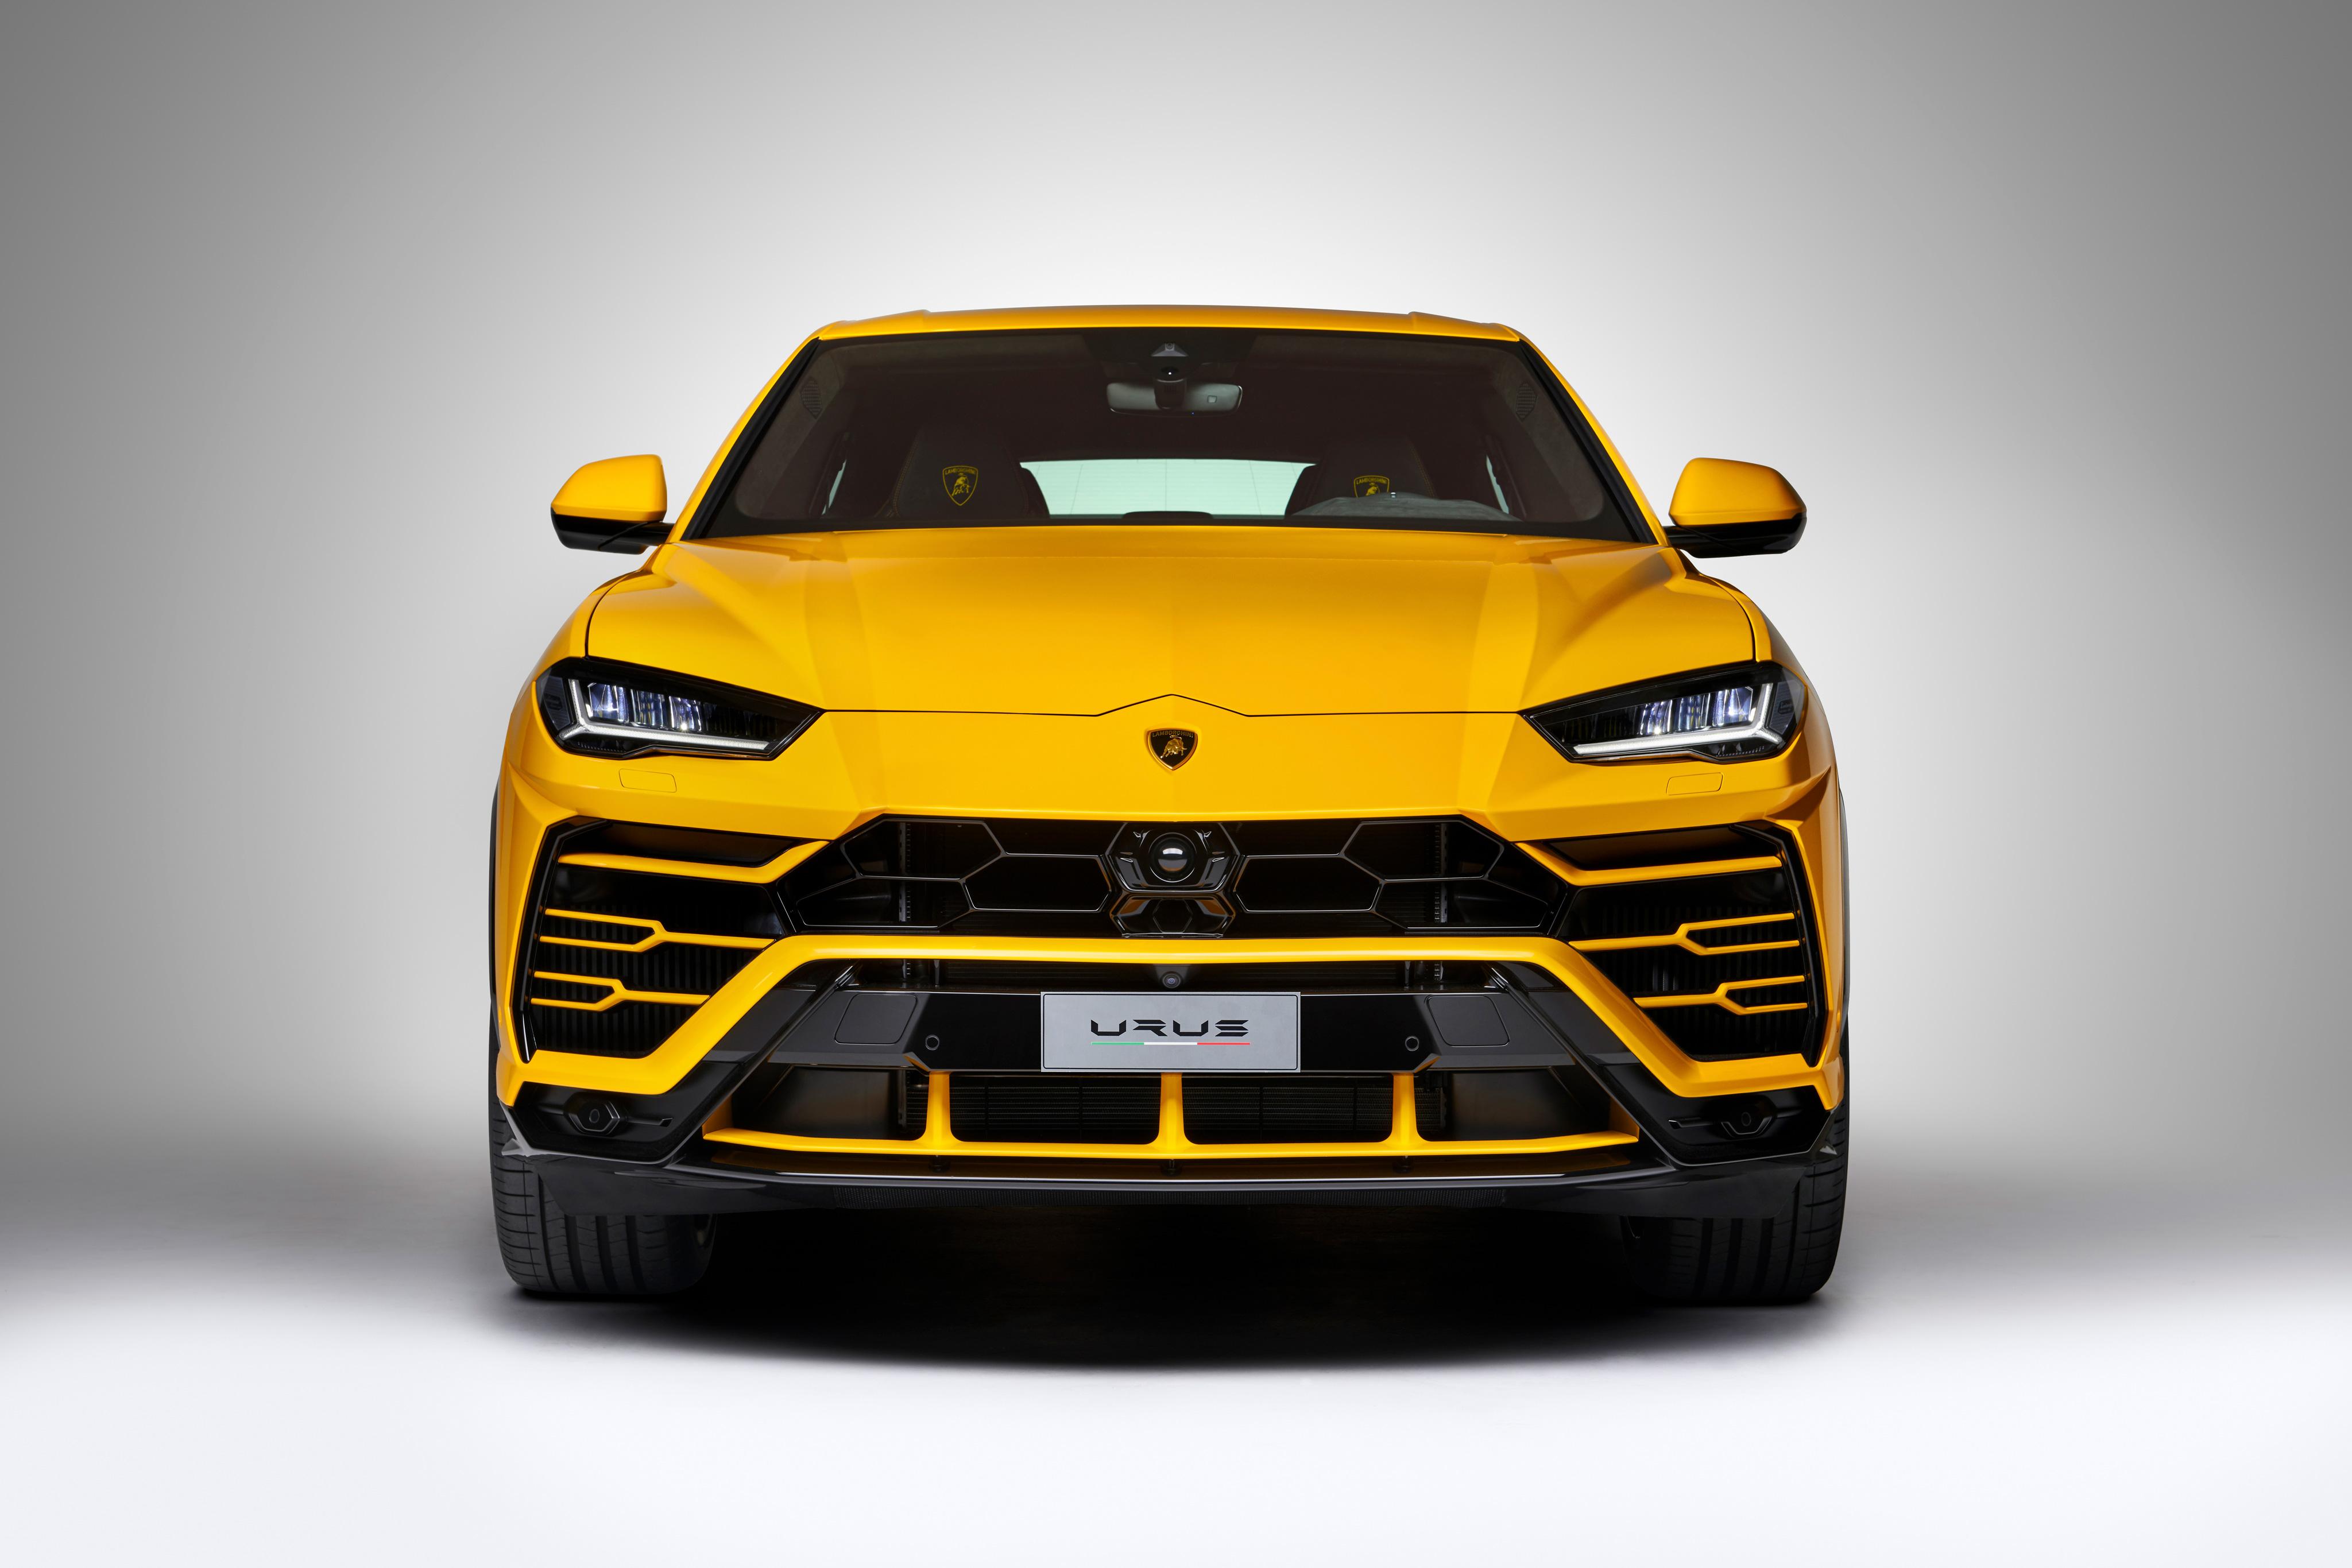 Lamborghini Urus Front View Hd Cars 4k Wallpapers Images